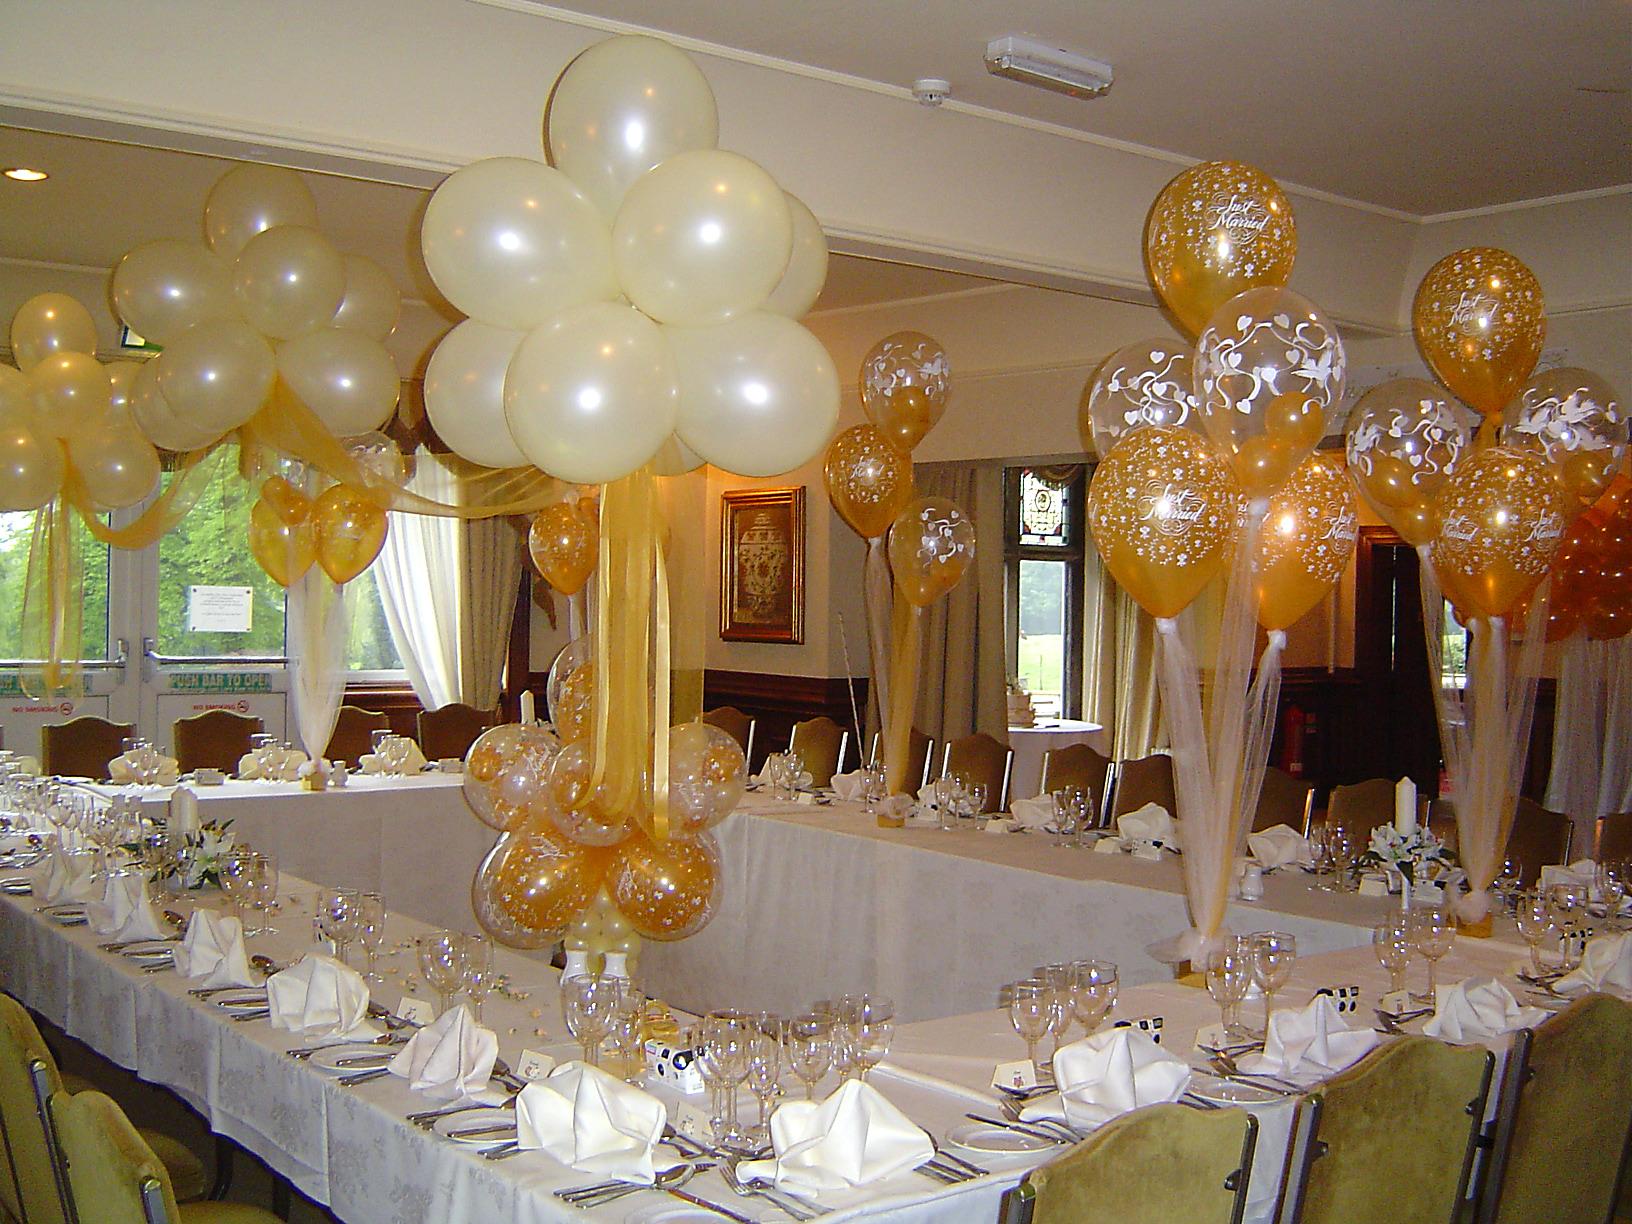 Как своими руками украсить зал шарами на свадьбу фото